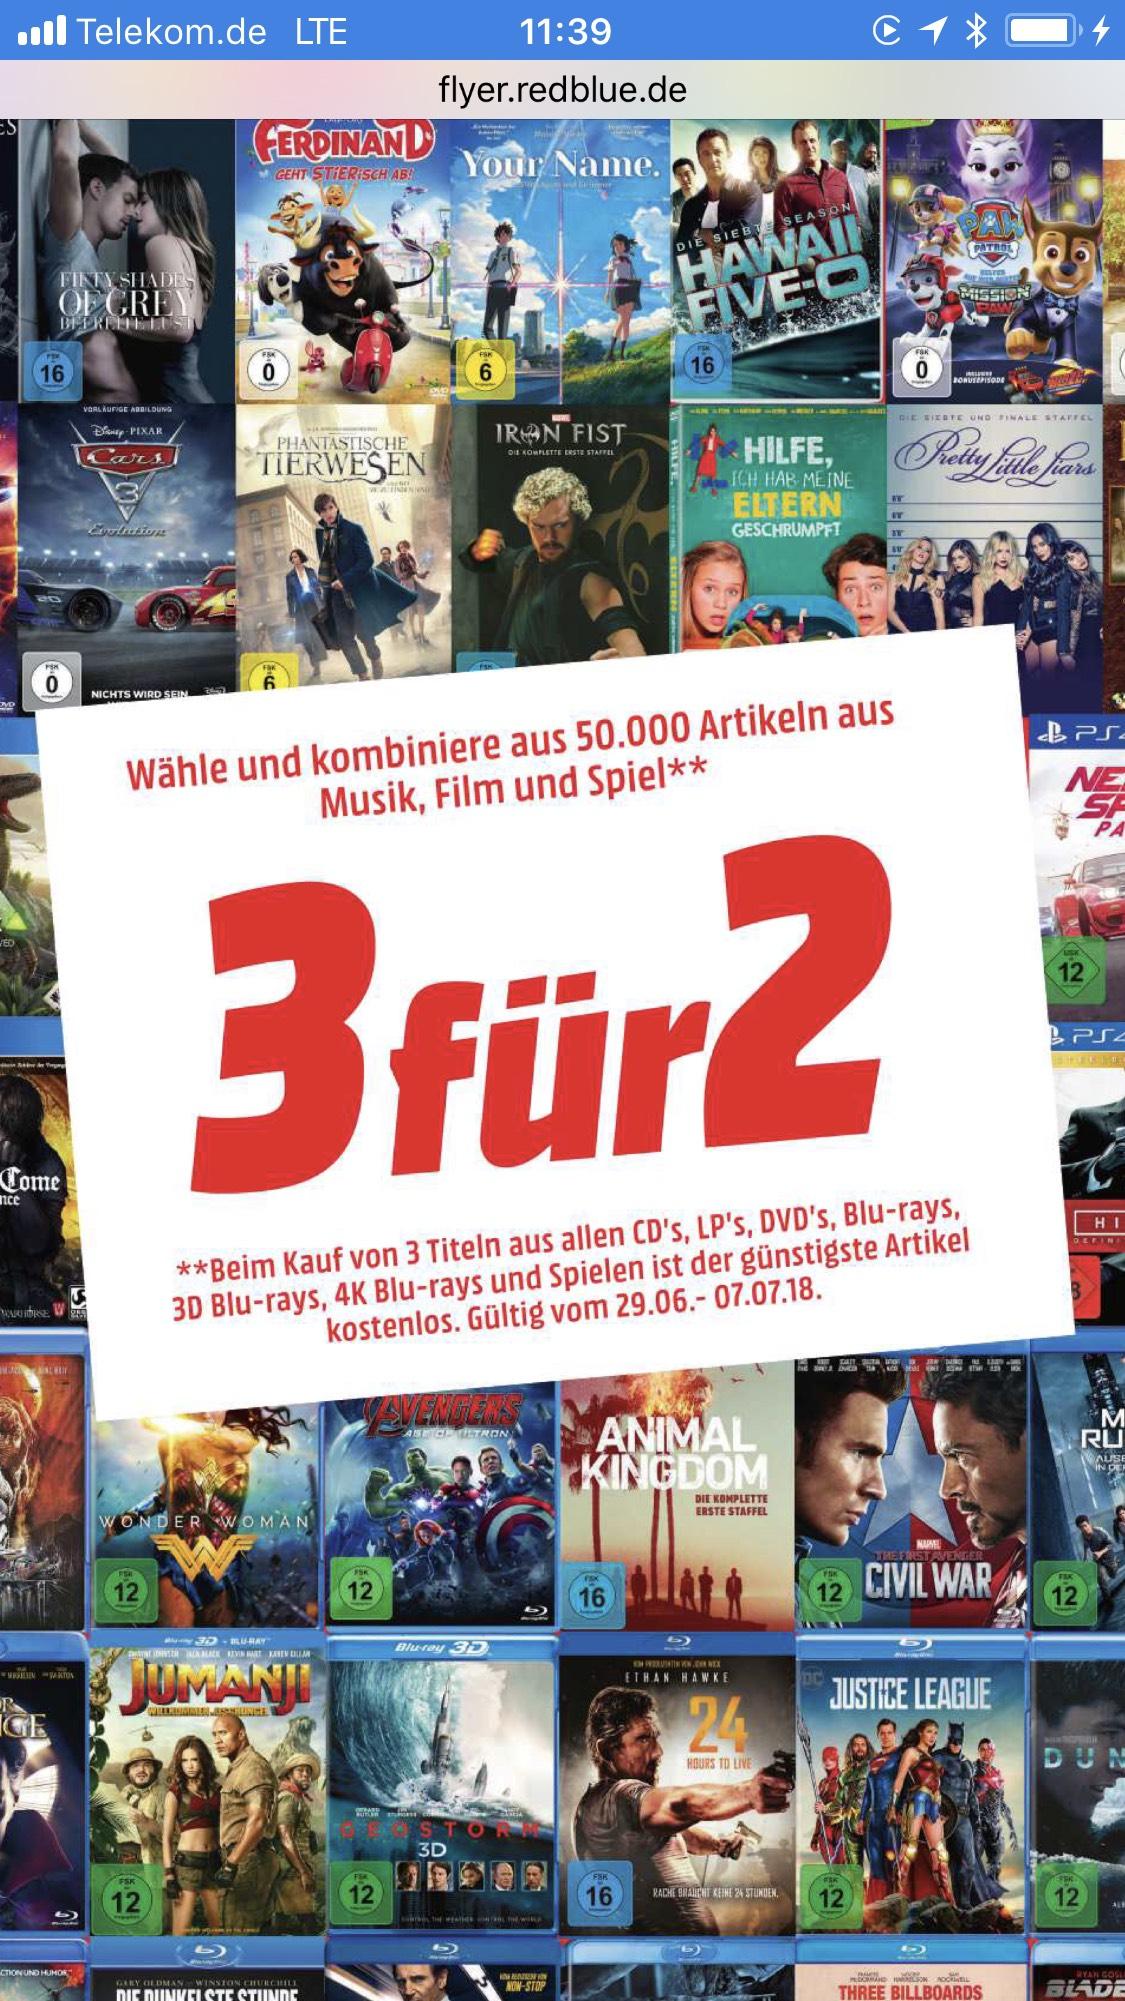 3 für 2 Aktion für Games, DVDs , Blurays, 4K Blurays/ Mülheim an der Ruhr / LOKAL